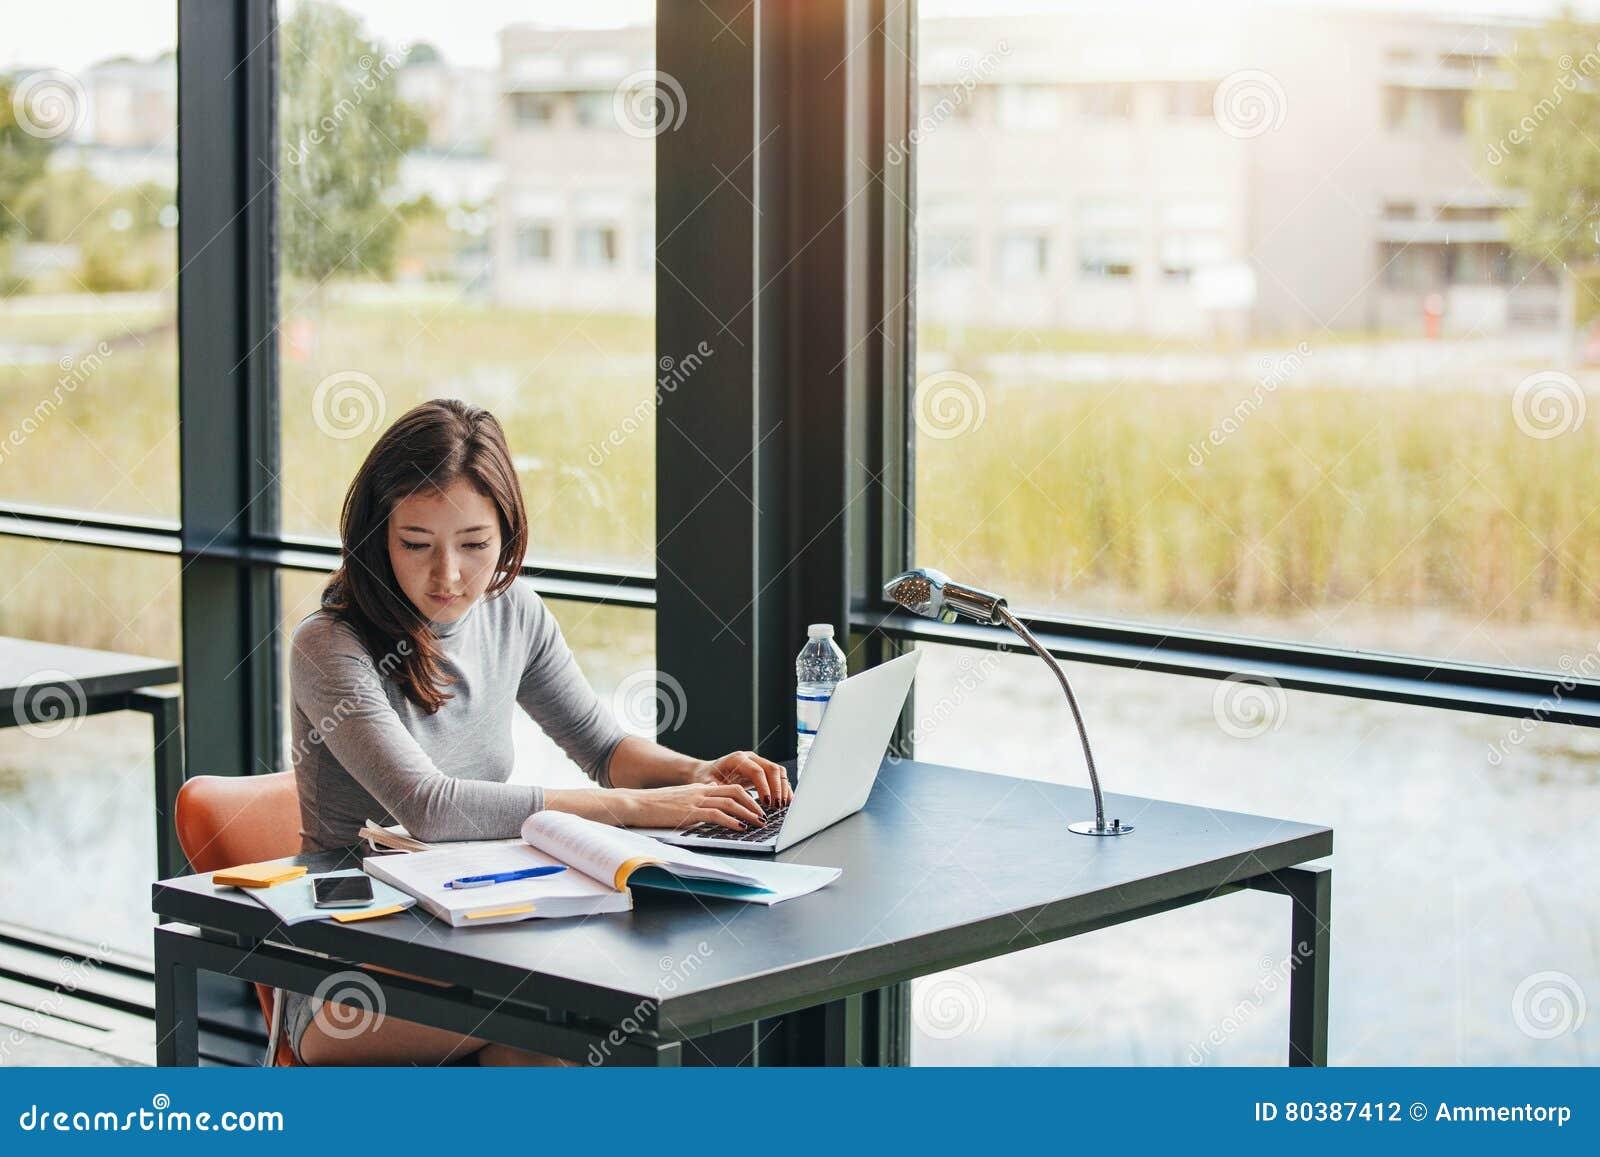 Ung asiatisk kvinna i arkivet som gör uppgifter